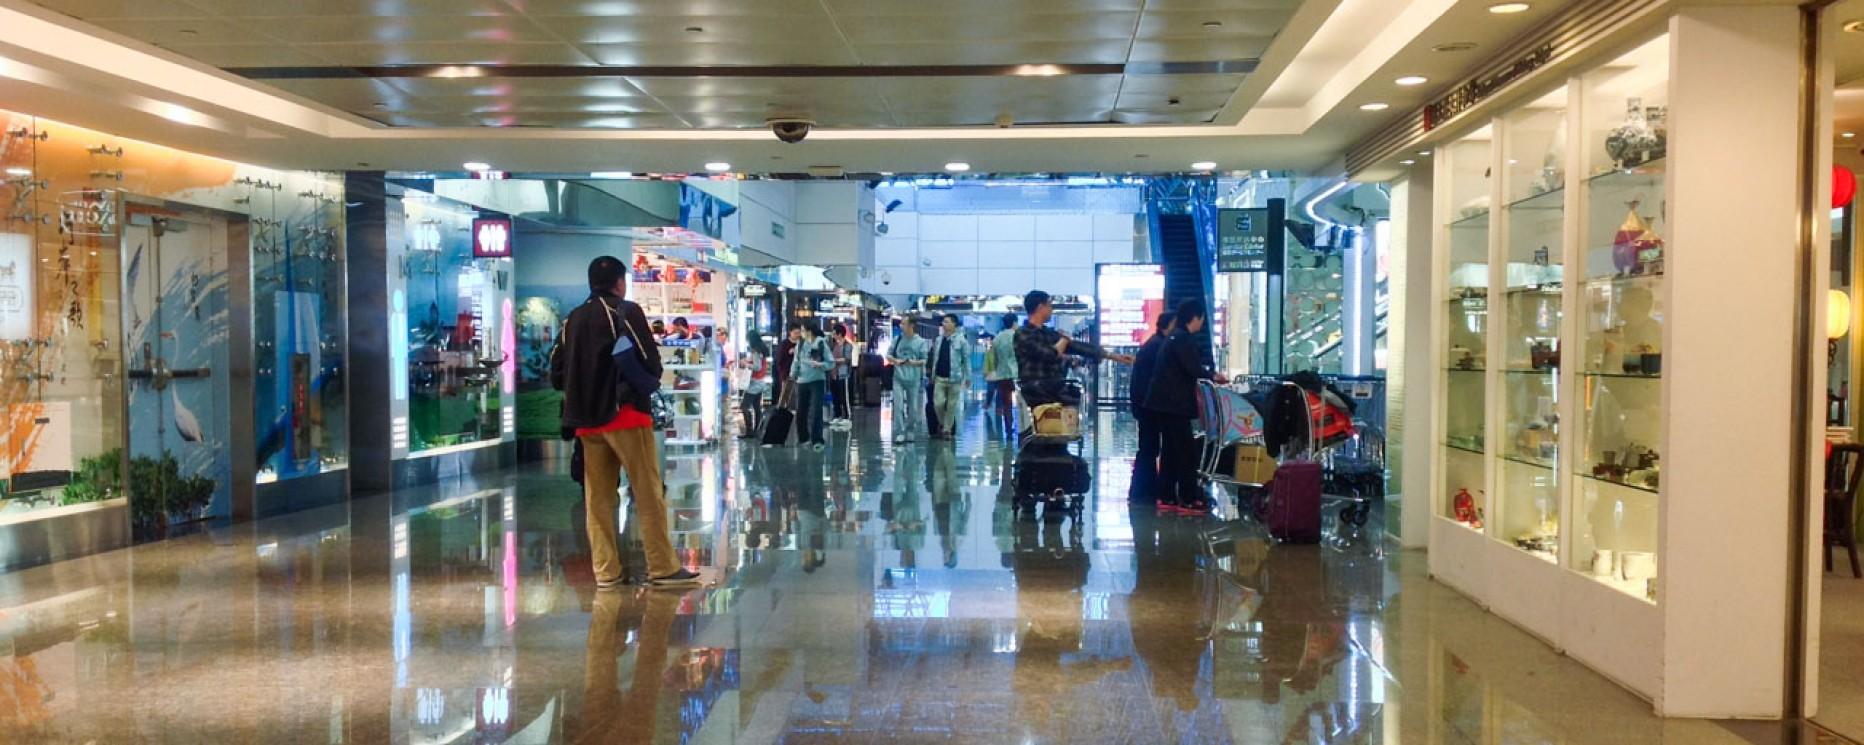 CHINE – Le temps d'une escale à Taipei